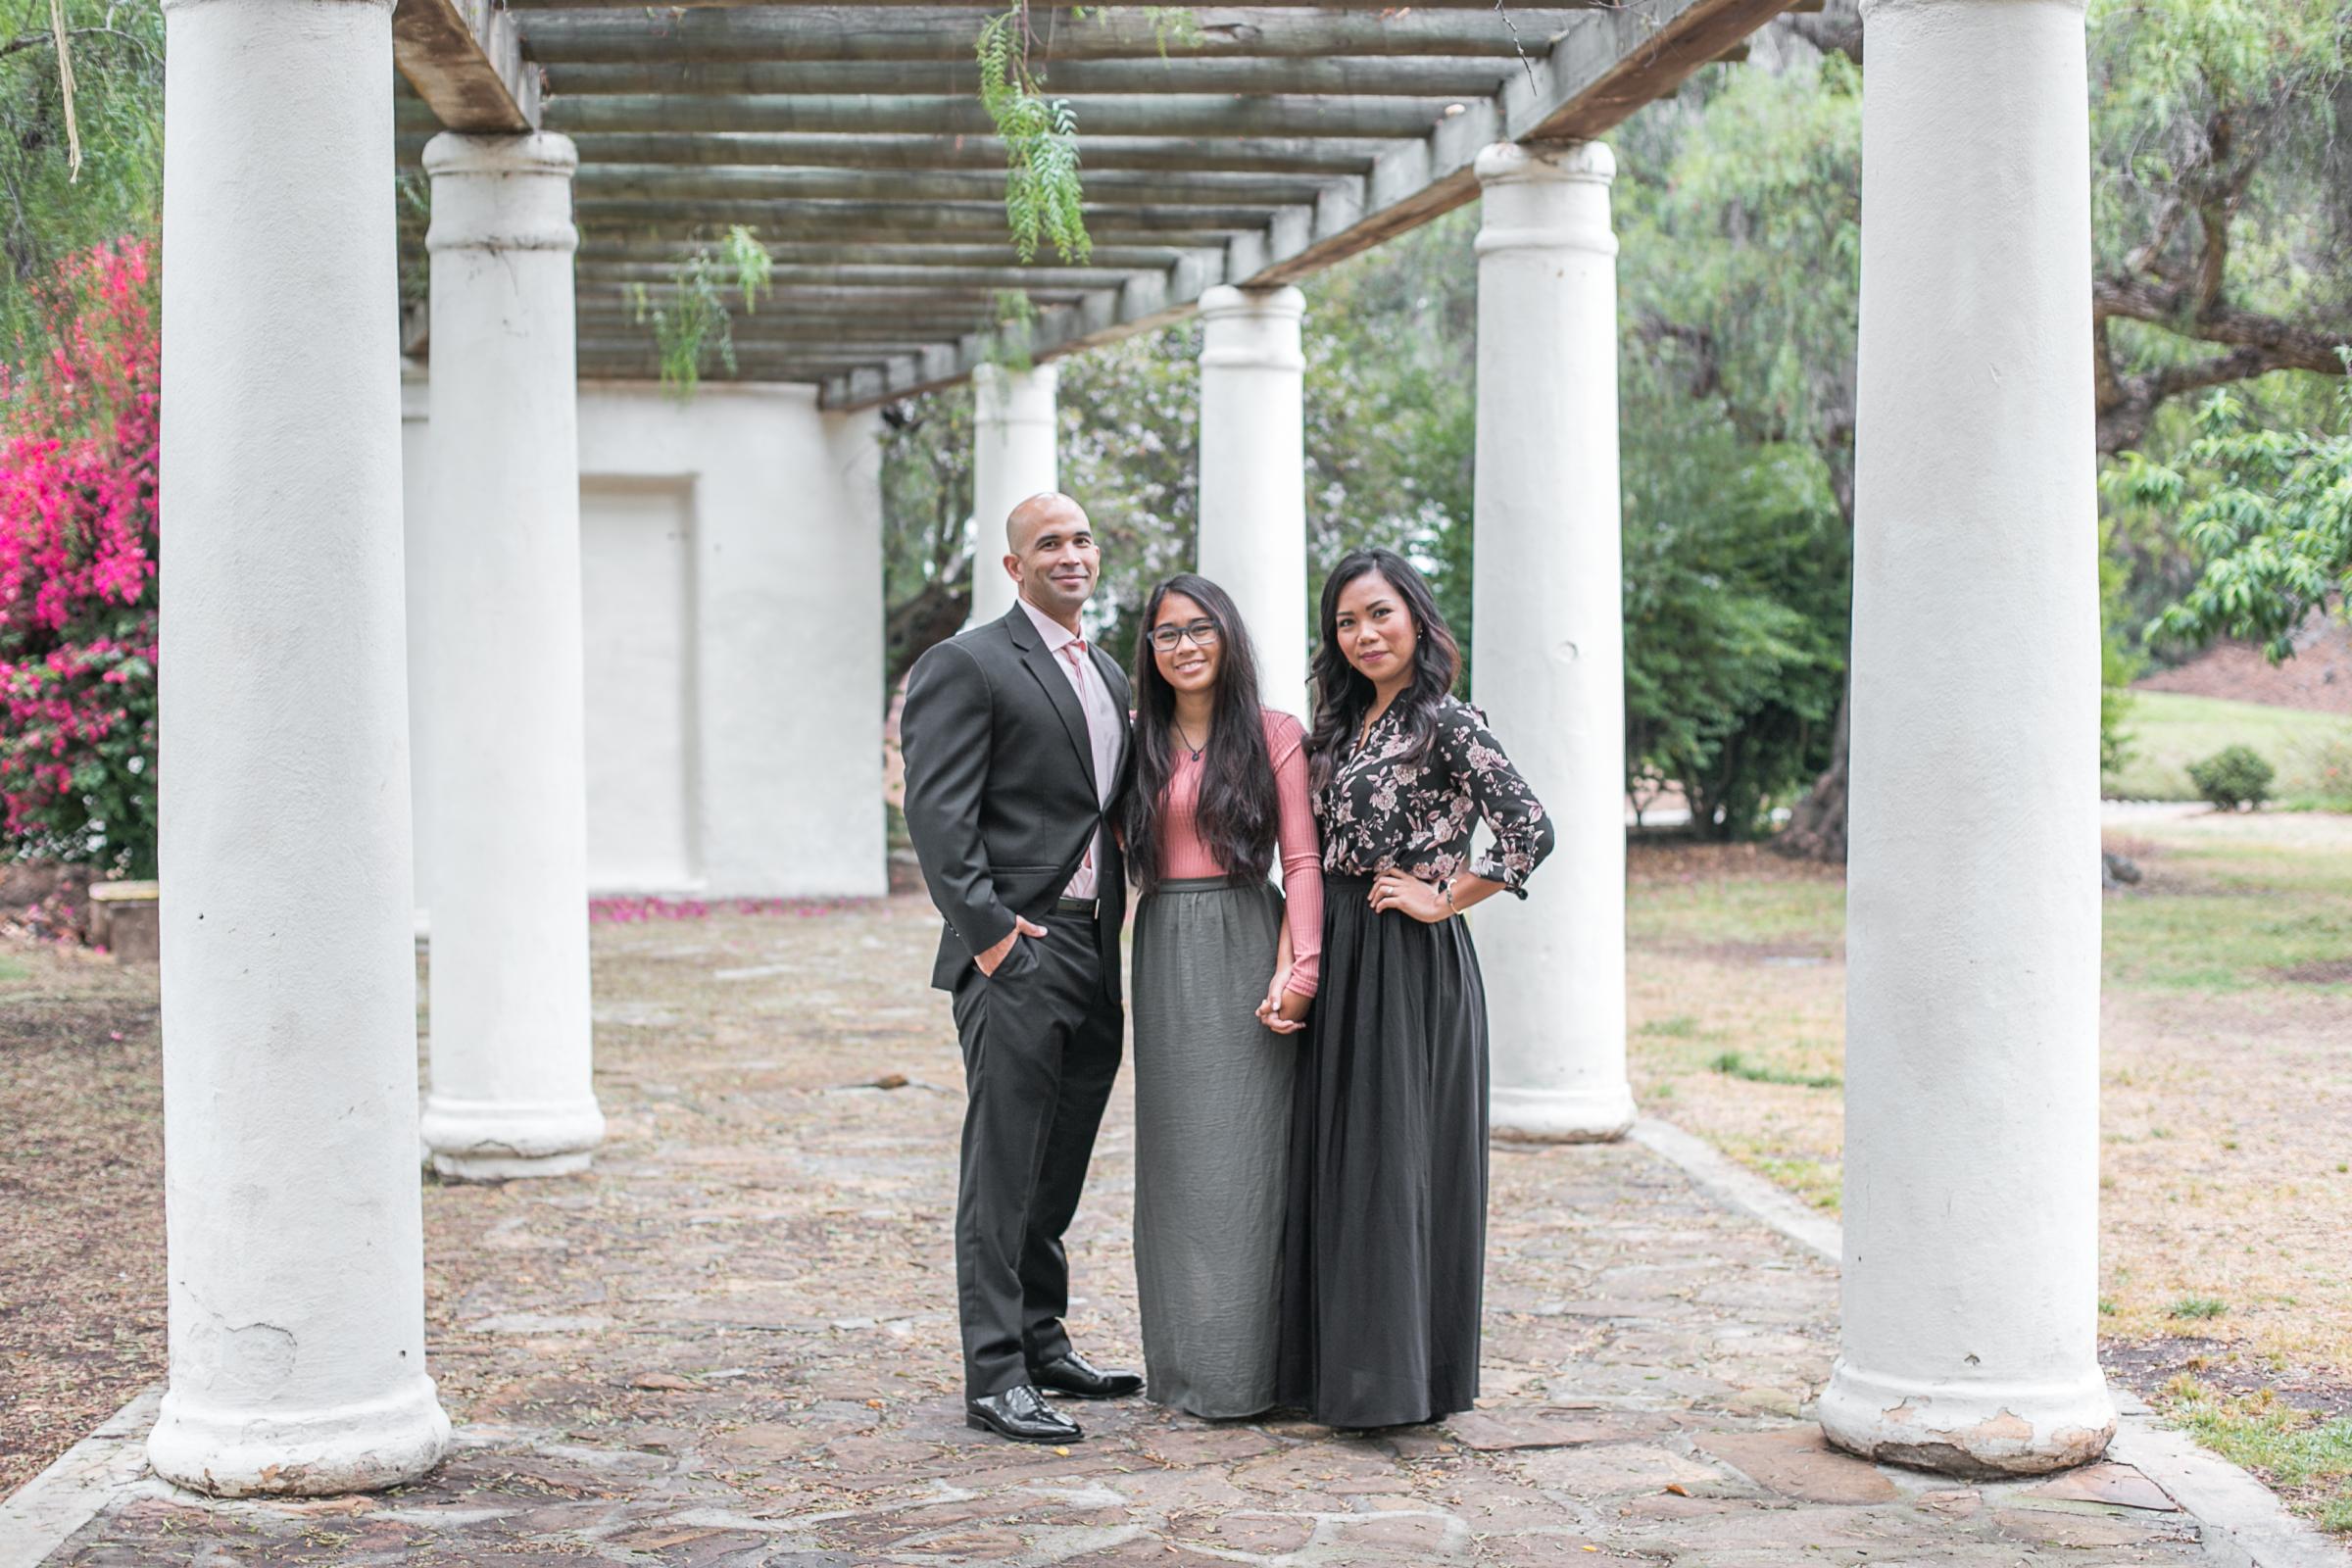 Cunningham_Family_Session_Presidio_Park_San_Diego_2017-1.jpg